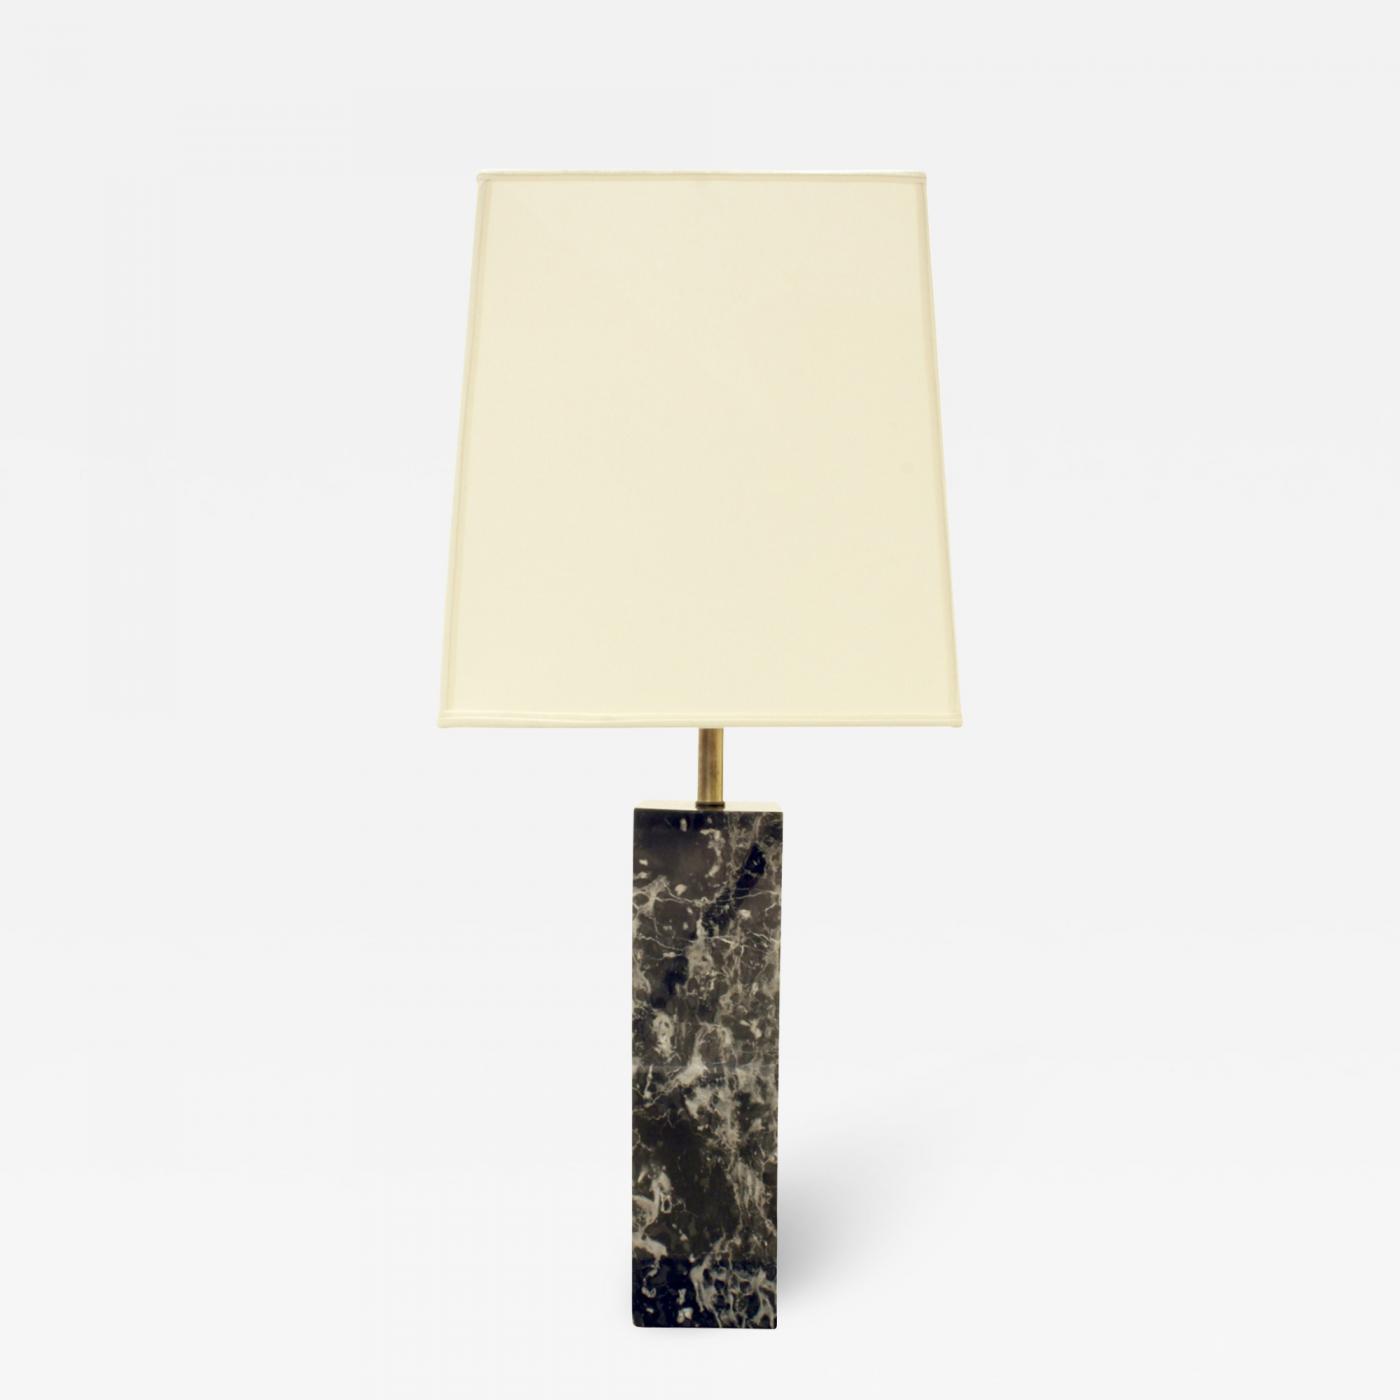 Nessen Studios Nessen Block Table Lamp In Black Marble 1940s